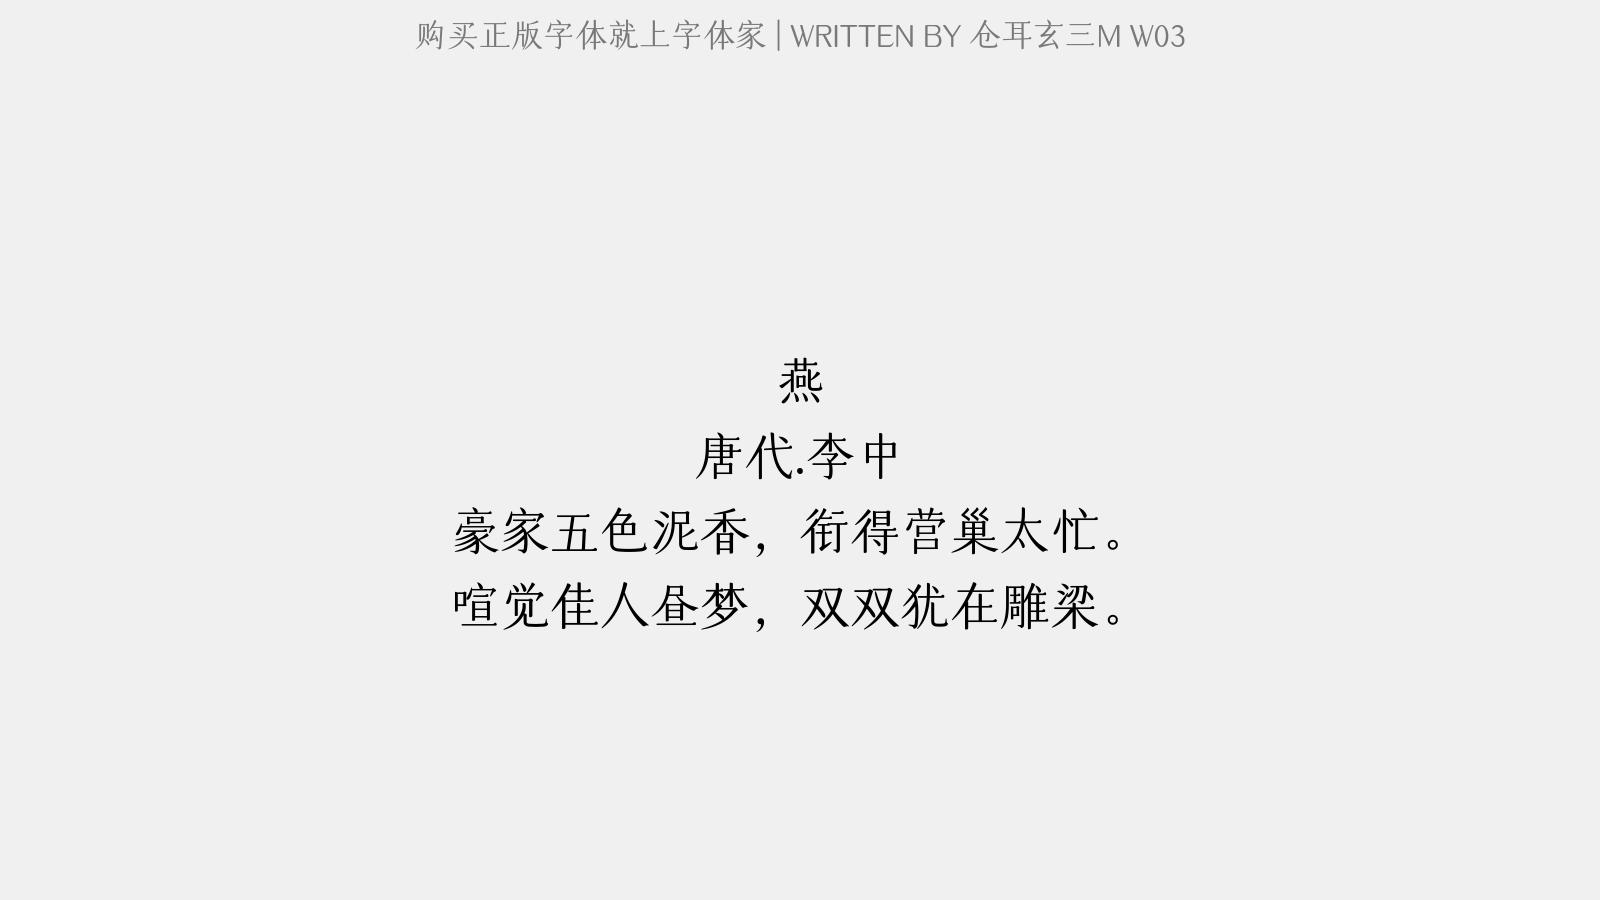 倉耳玄三M W03 - 燕